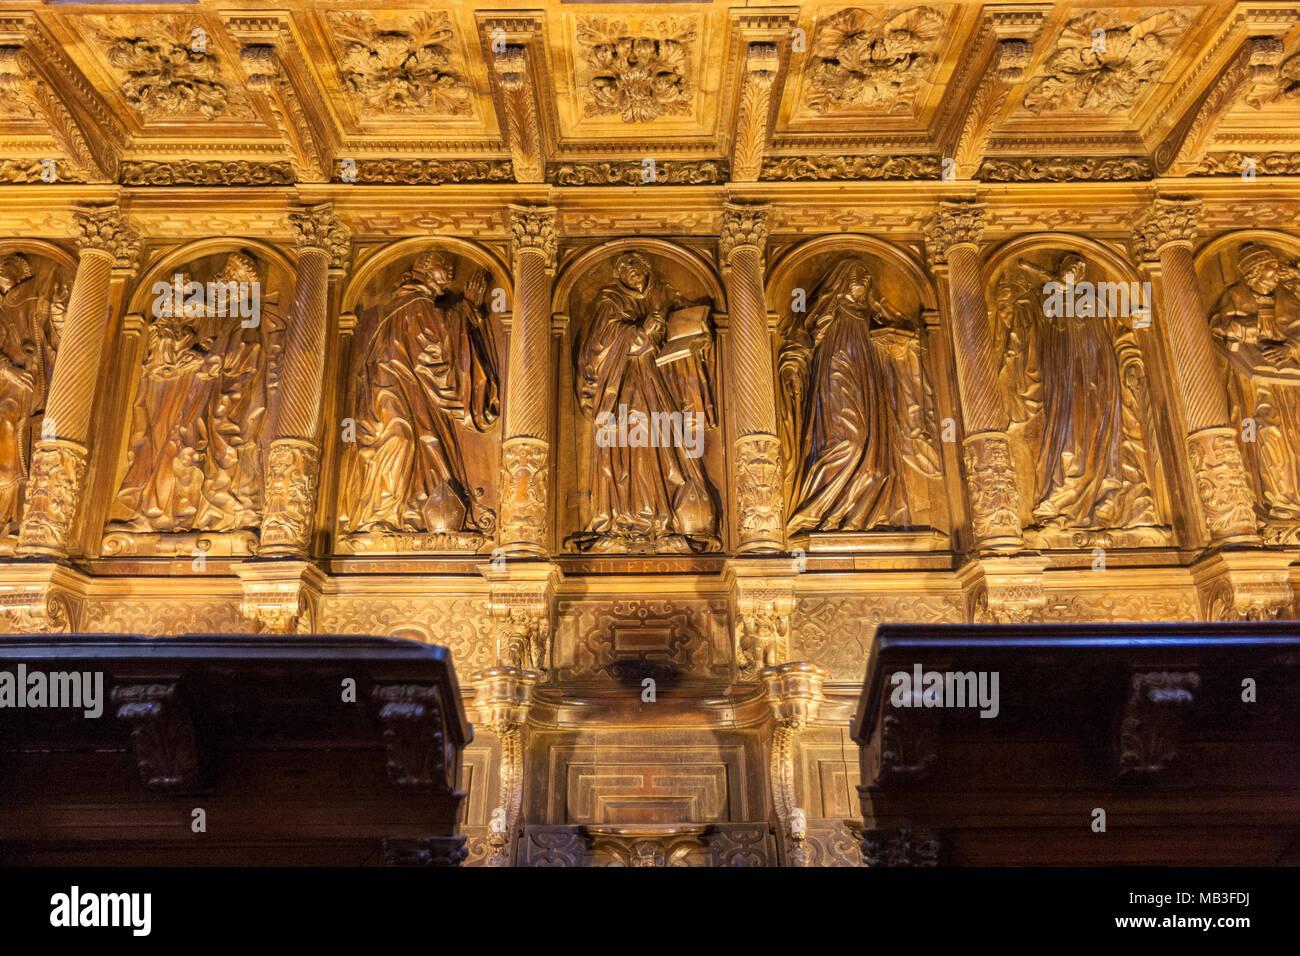 Choir of the church in Museo e Iglesia de San Martín Pinario, Santiago de Compostela, Galicia, Spain - Stock Image